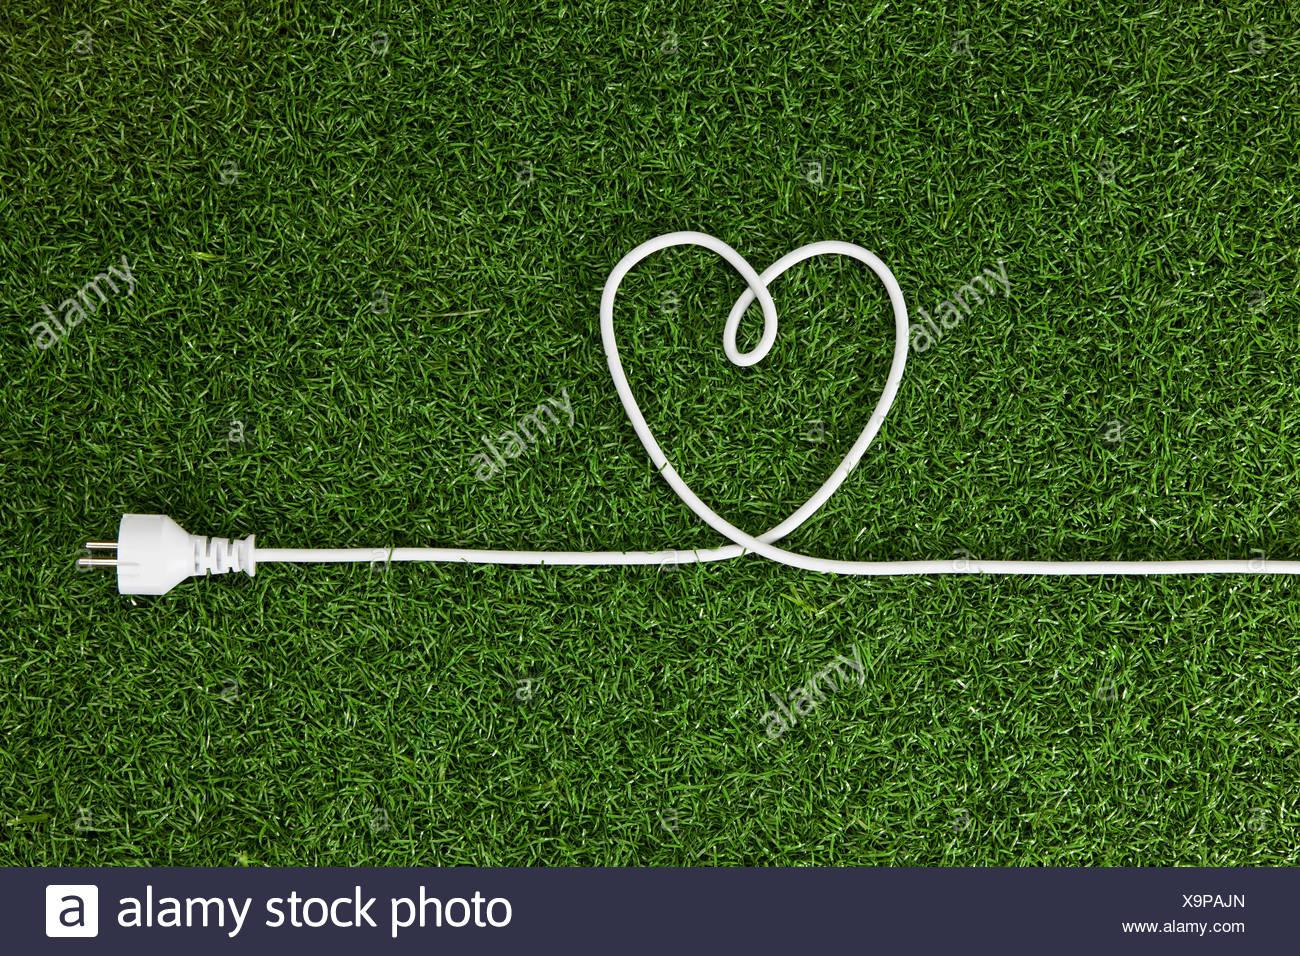 Un cable eléctrico dispuestos en forma de corazón sobre el césped Imagen De Stock